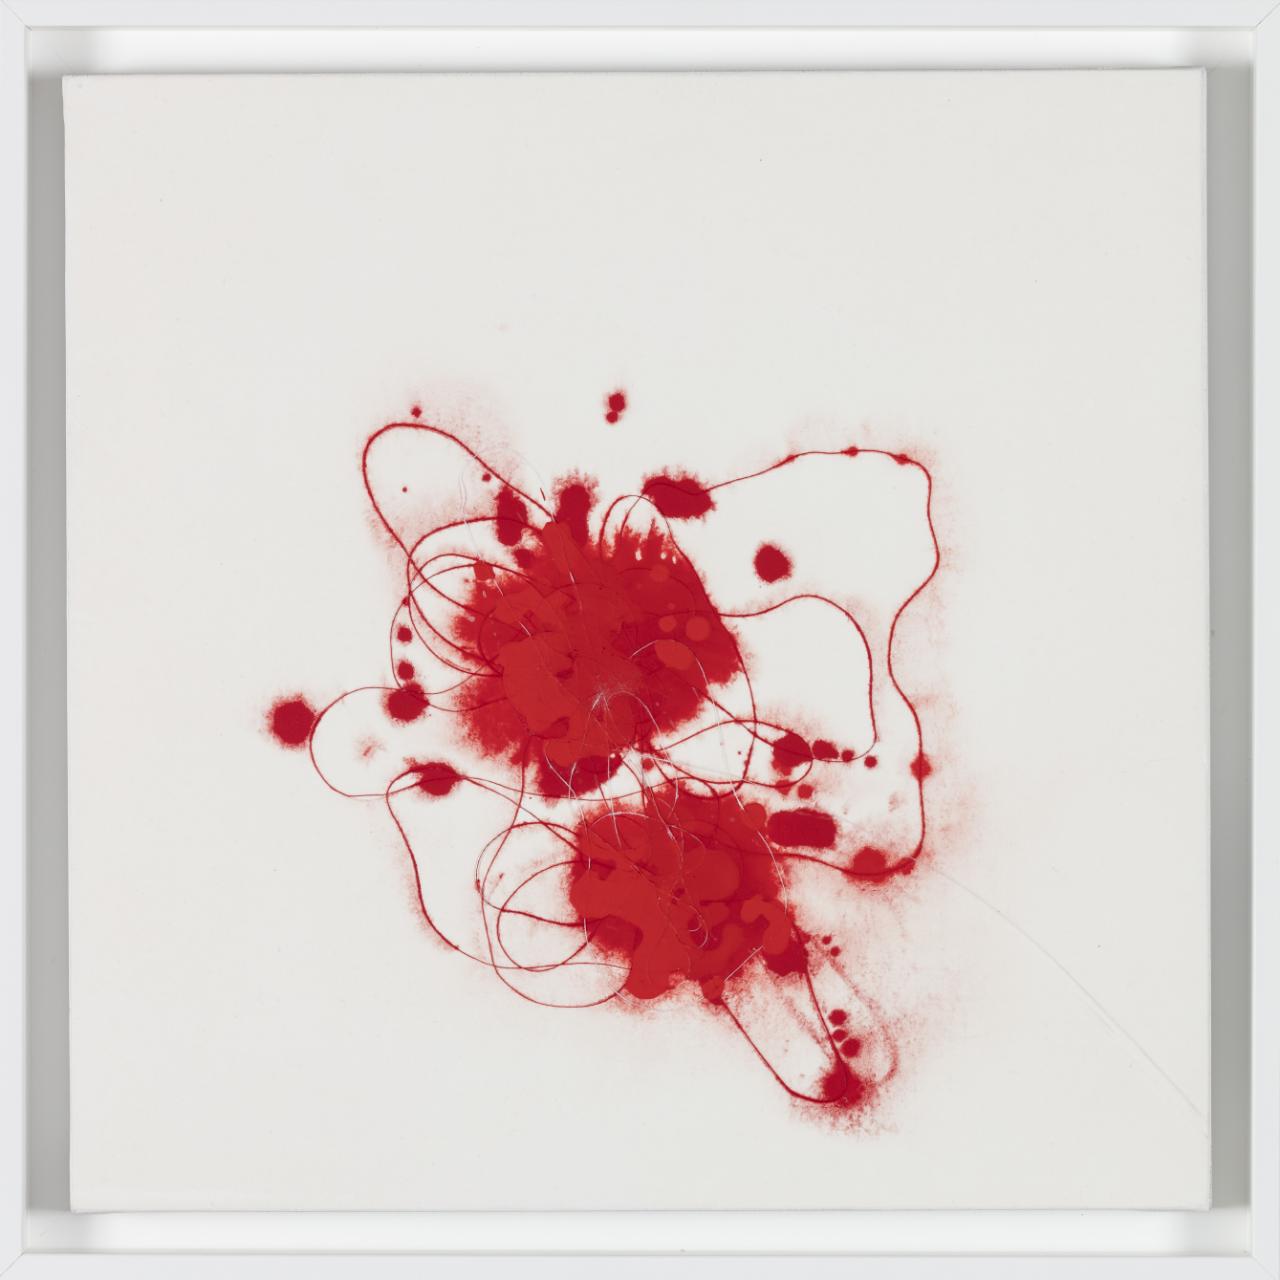 Super Love II Techniques mixtes et poudre de marbre et pigements sur toile 40 x 40cm, 2017